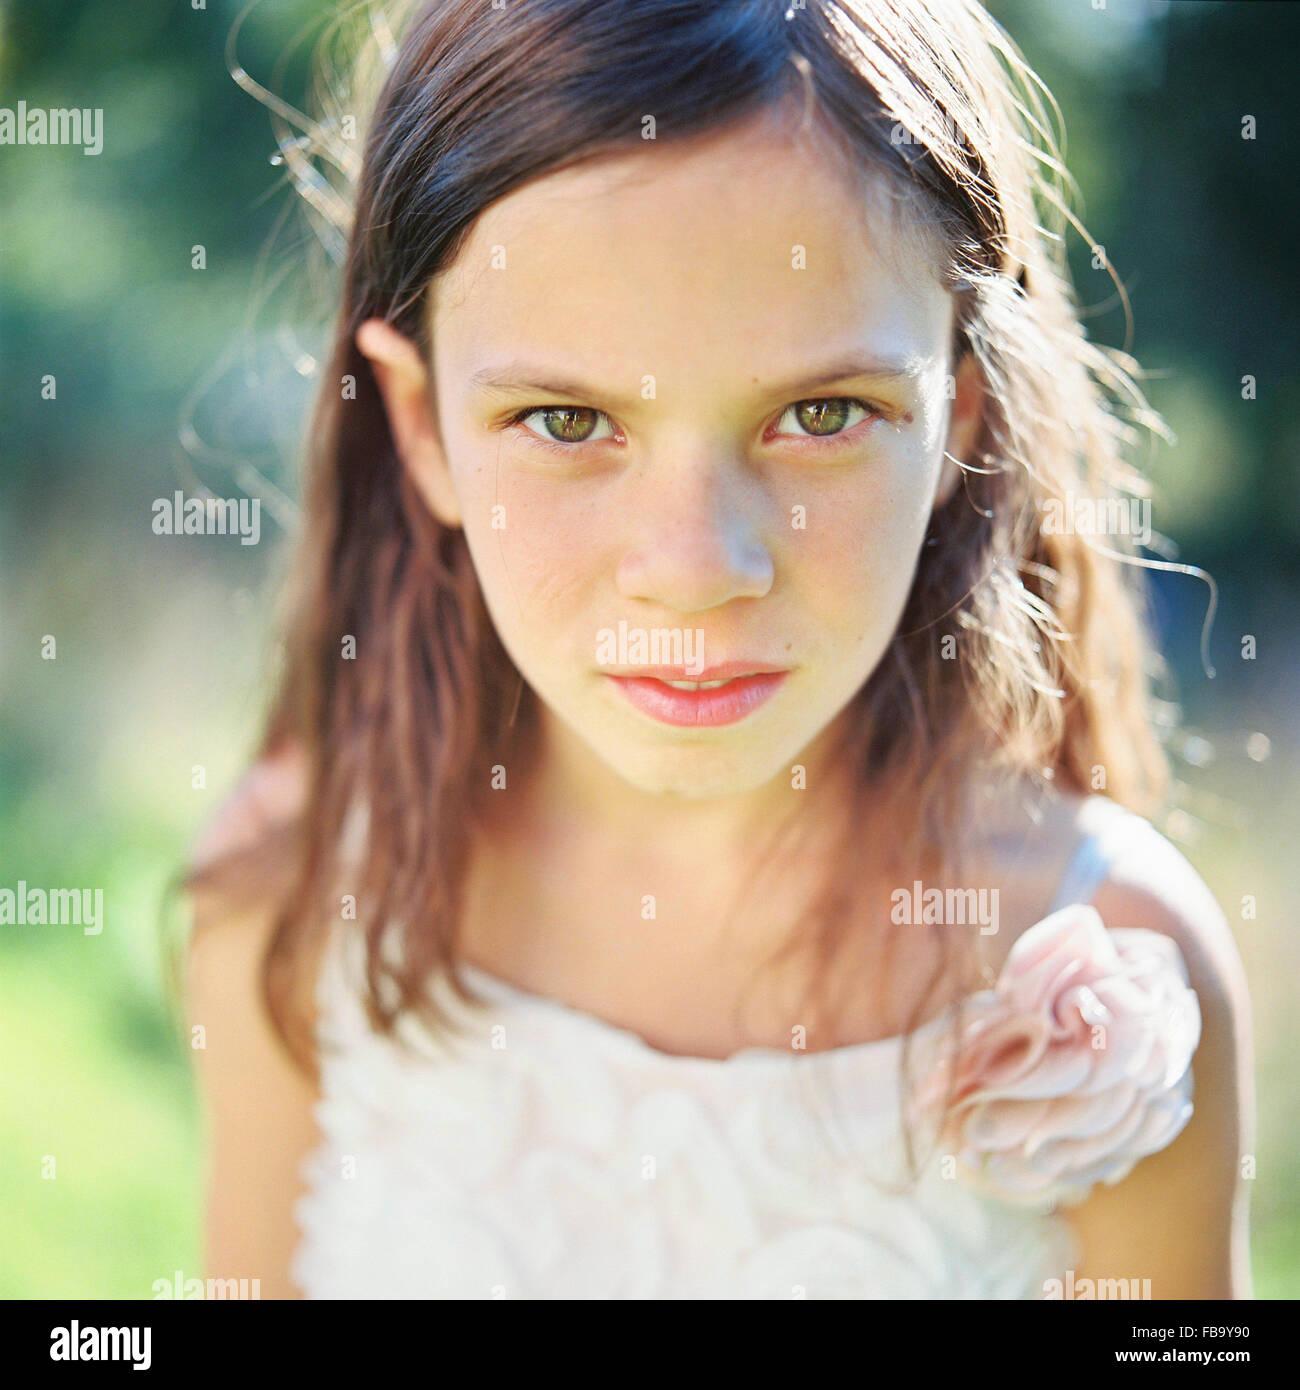 La Svezia, Vastmanland, ragazza (6-7) guardando la fotocamera Immagini Stock